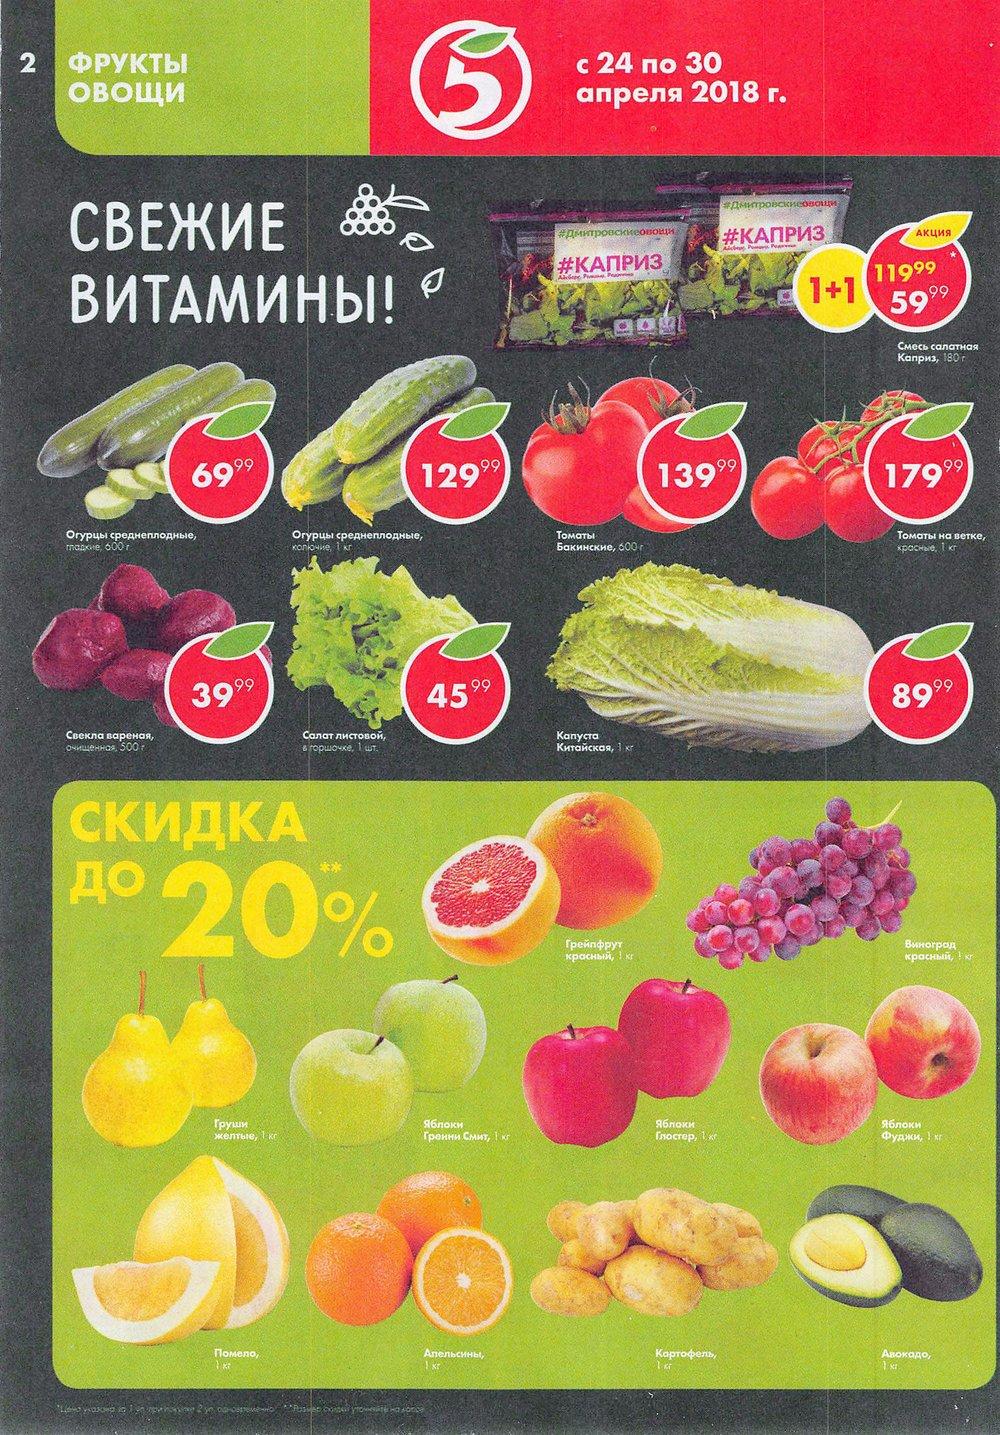 Каталог акций Пятерочка с 24 по 30 апреля 2018 - стр. 2